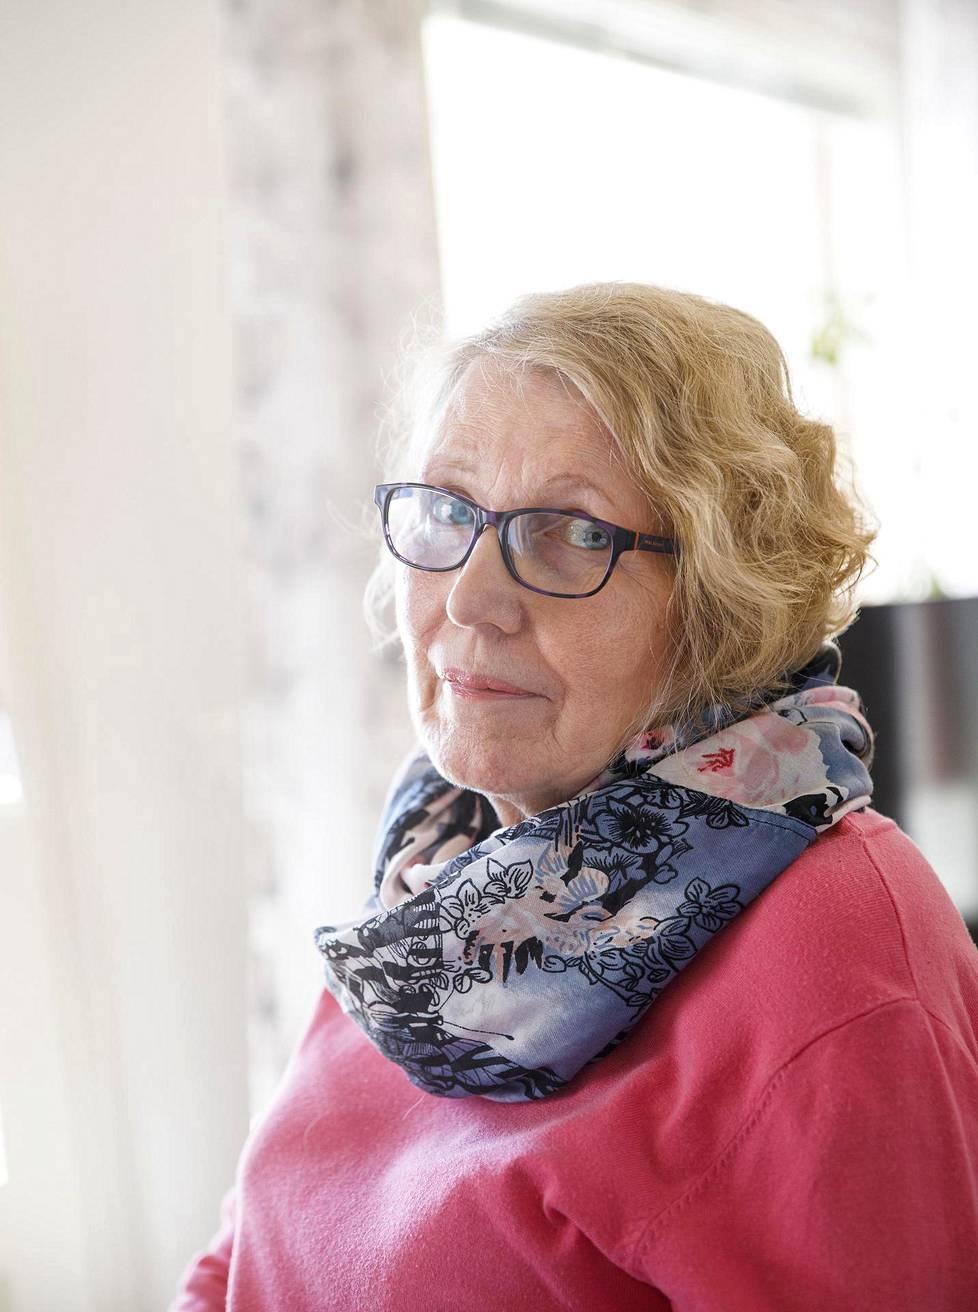 Arja Saarenheimo on ollut leski jo 30 vuotta. Avustajien kosketukset eivät korvaa aitoa läheisyyttä.